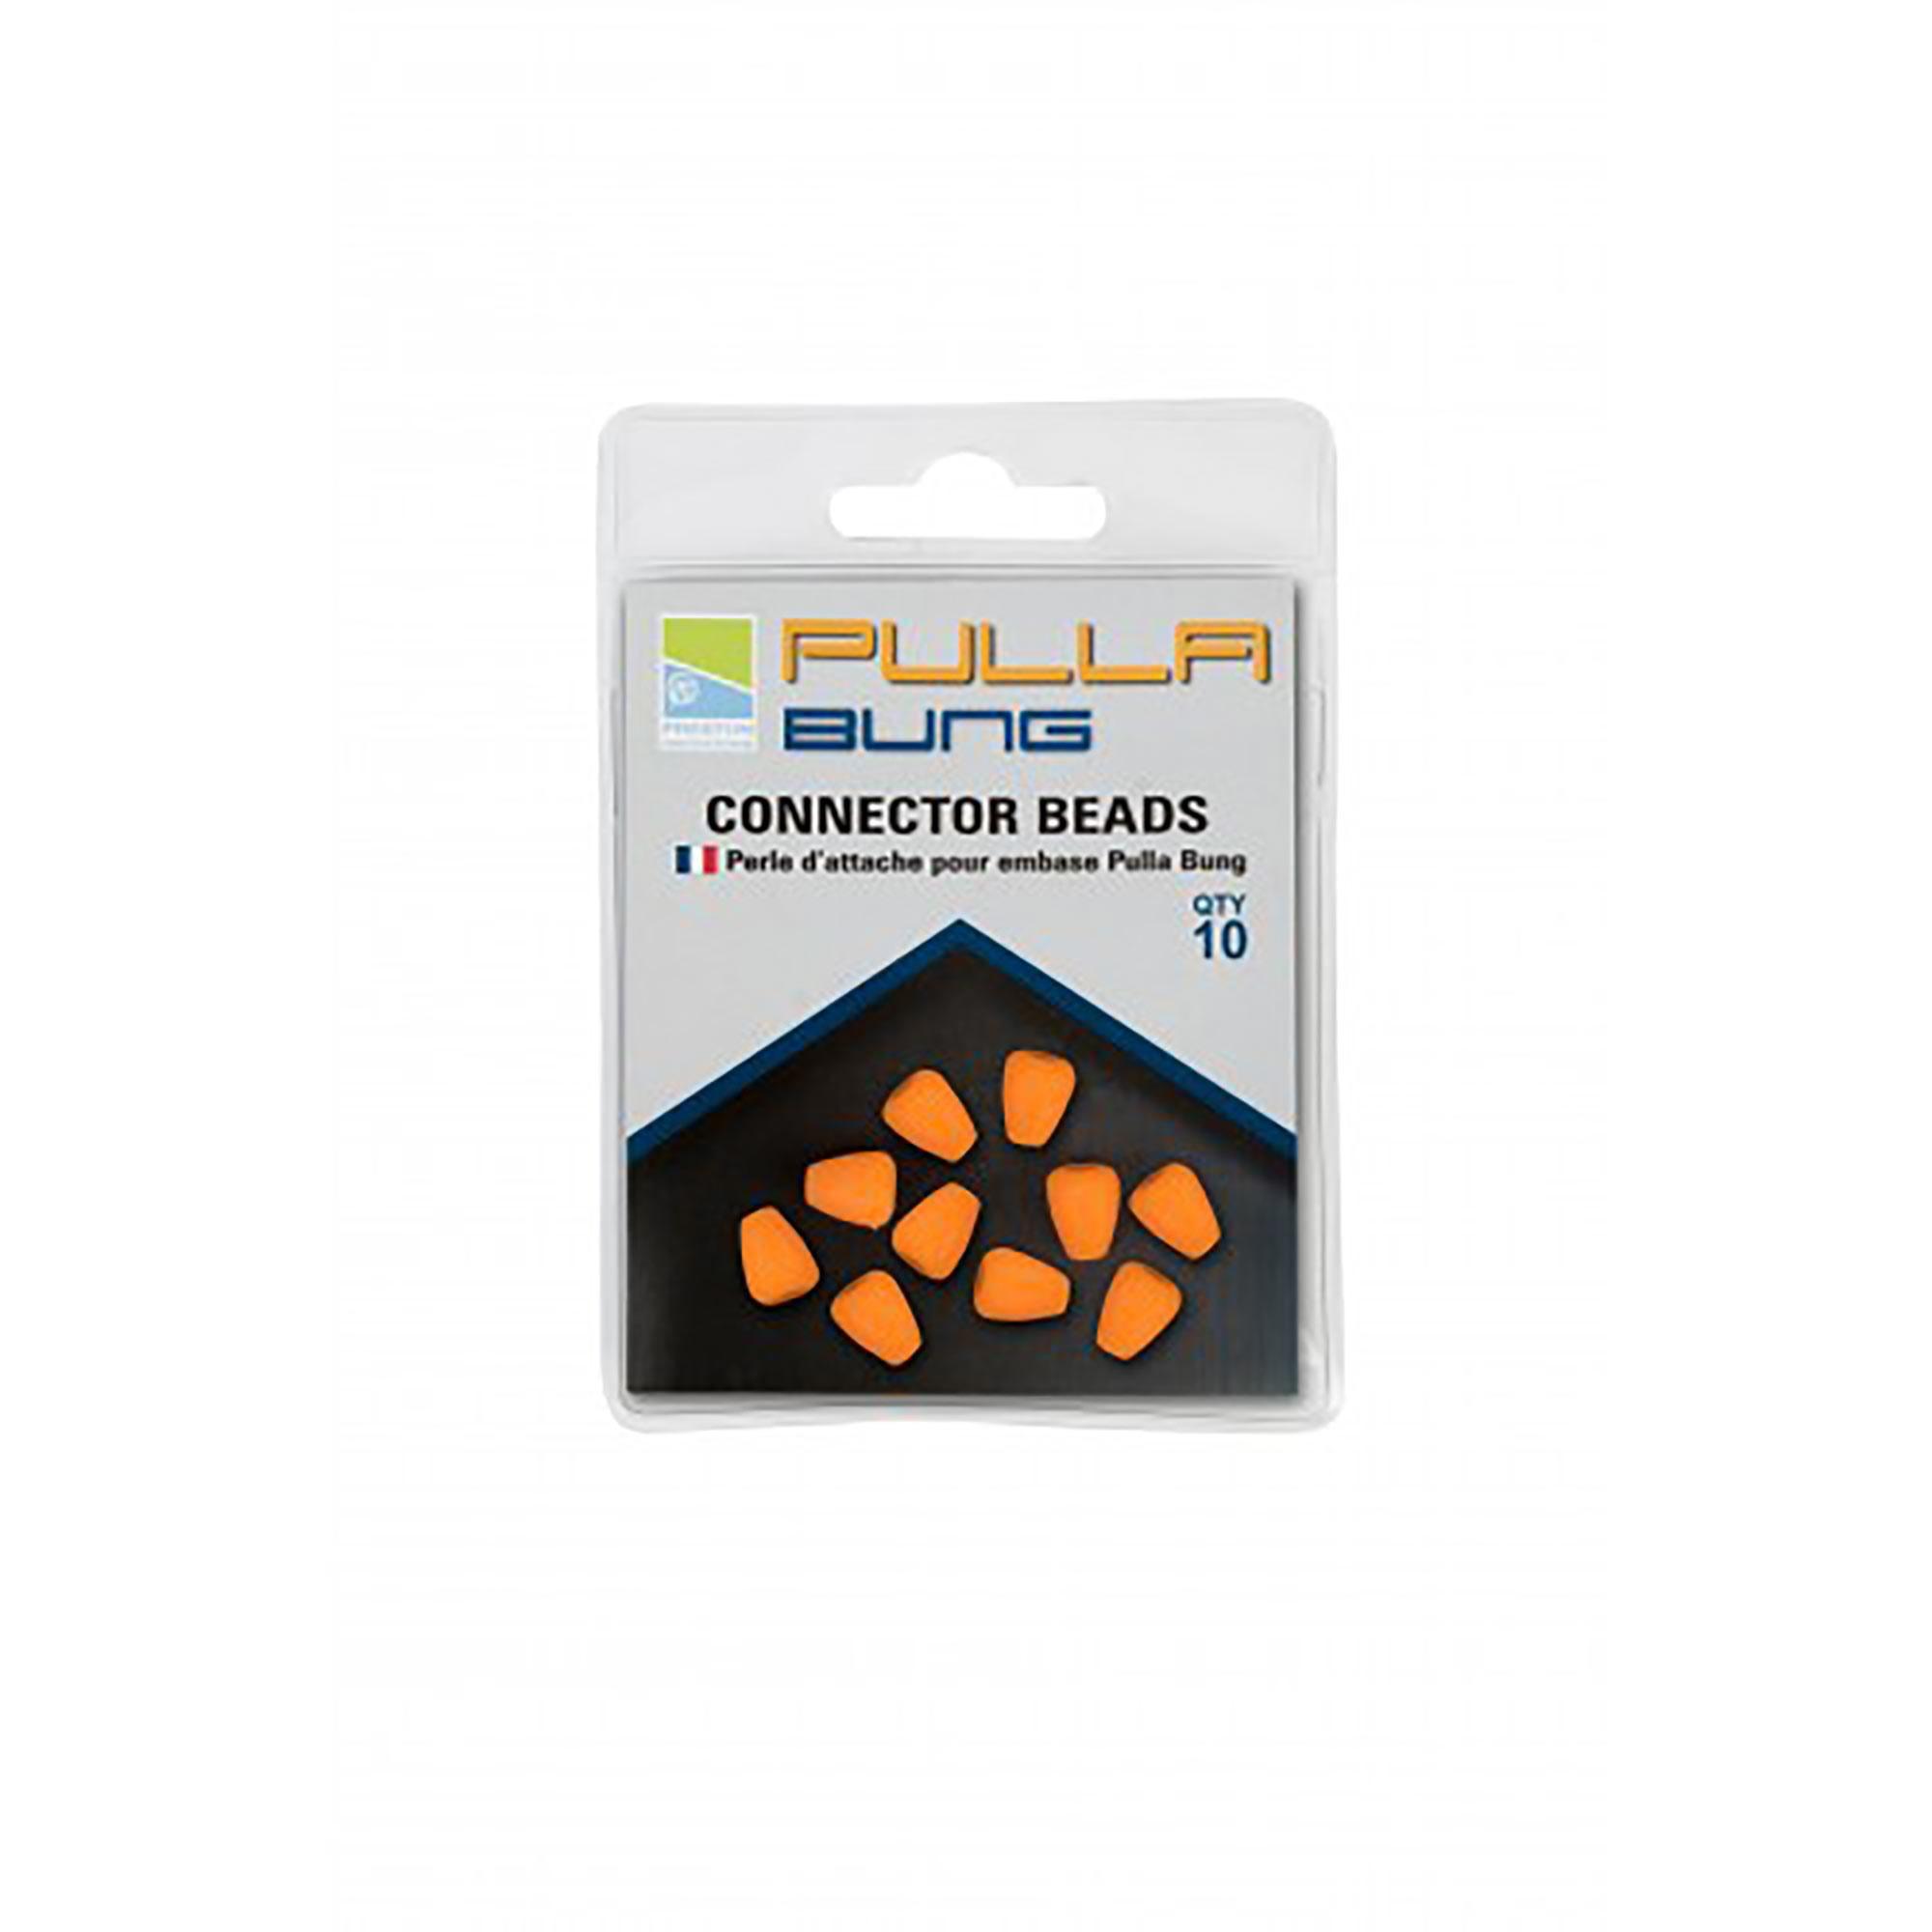 Pulla Bung Connector Beads PRESTON